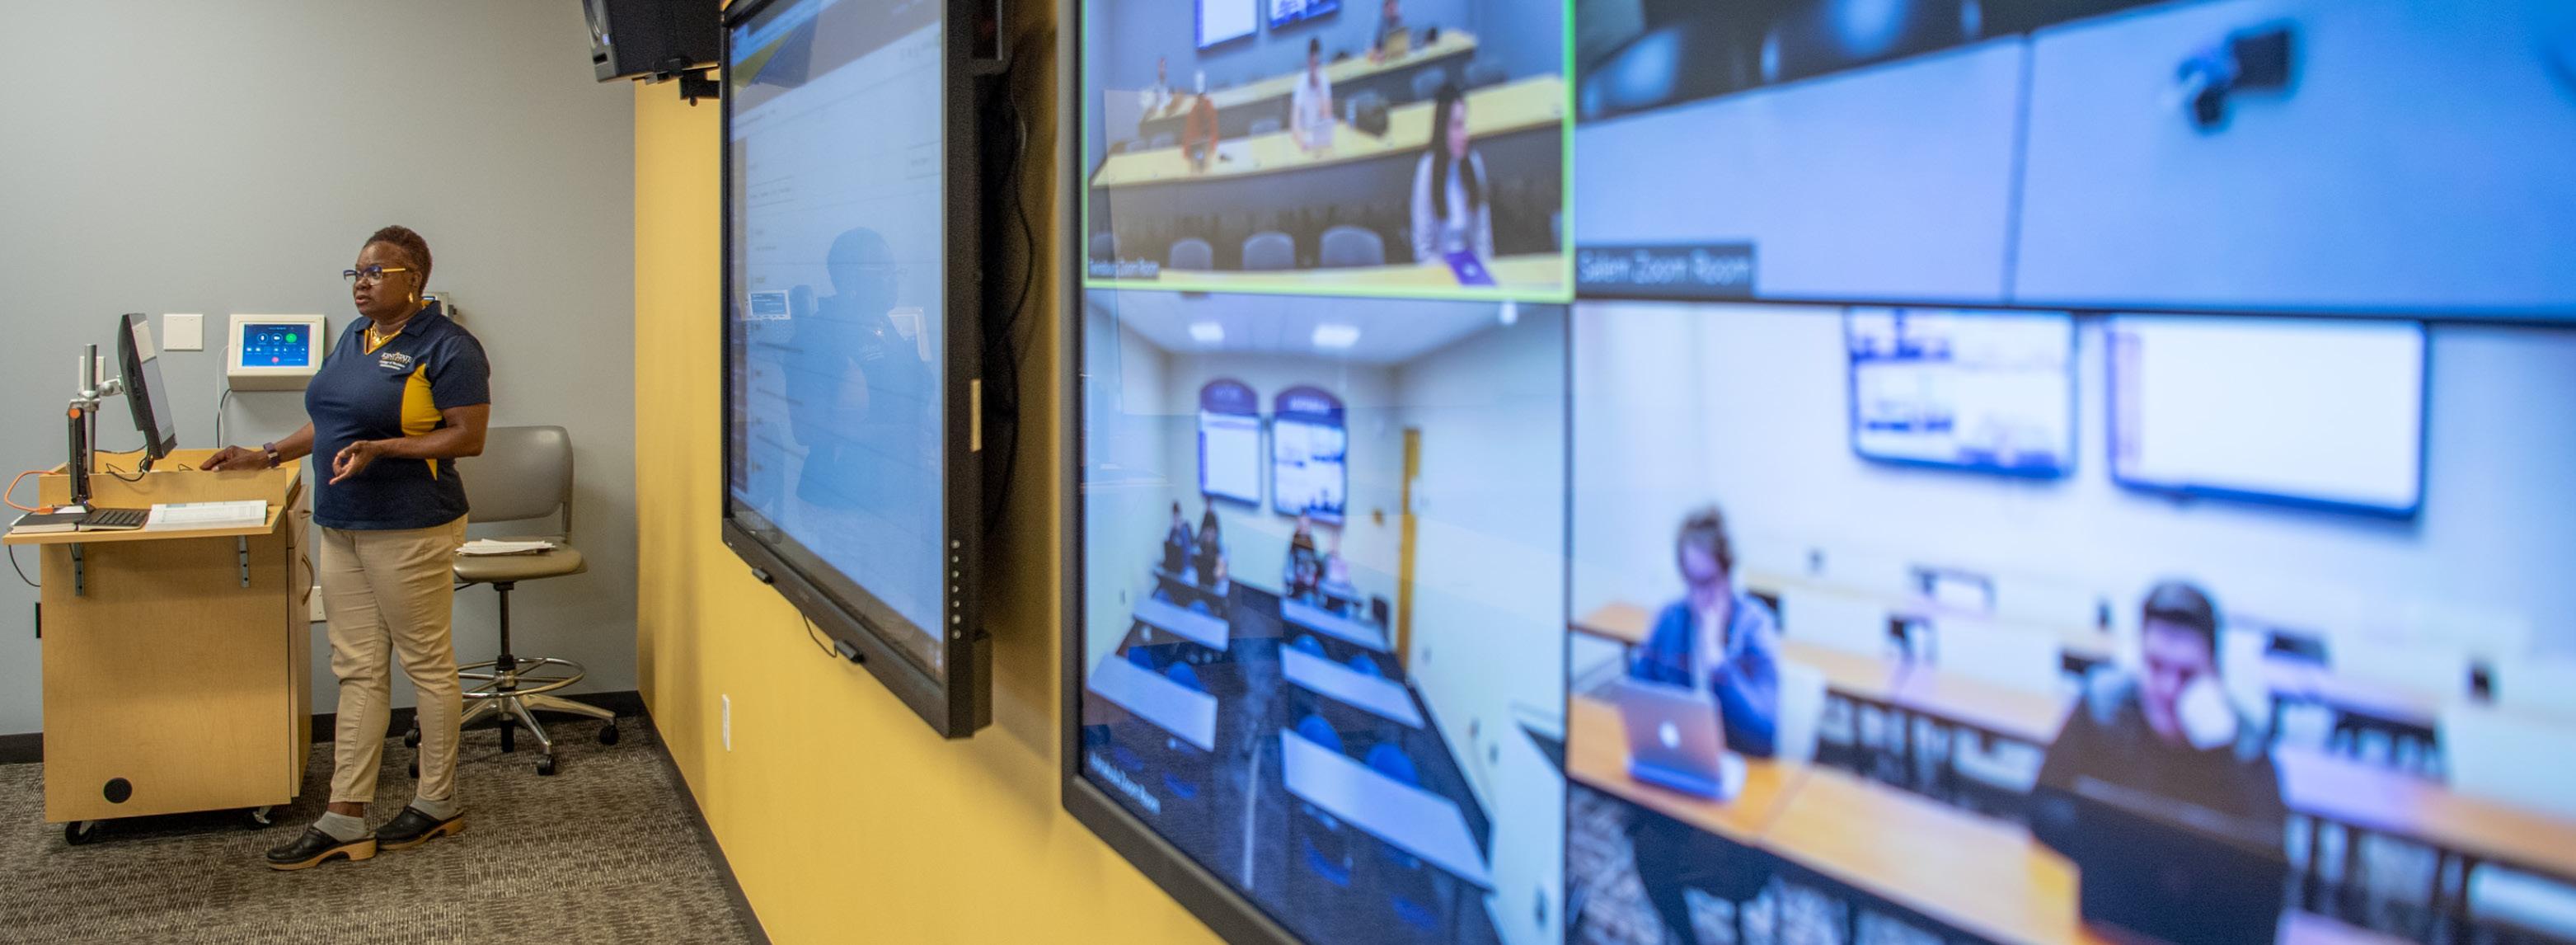 Velvet Landingham teaching in Zoom Room